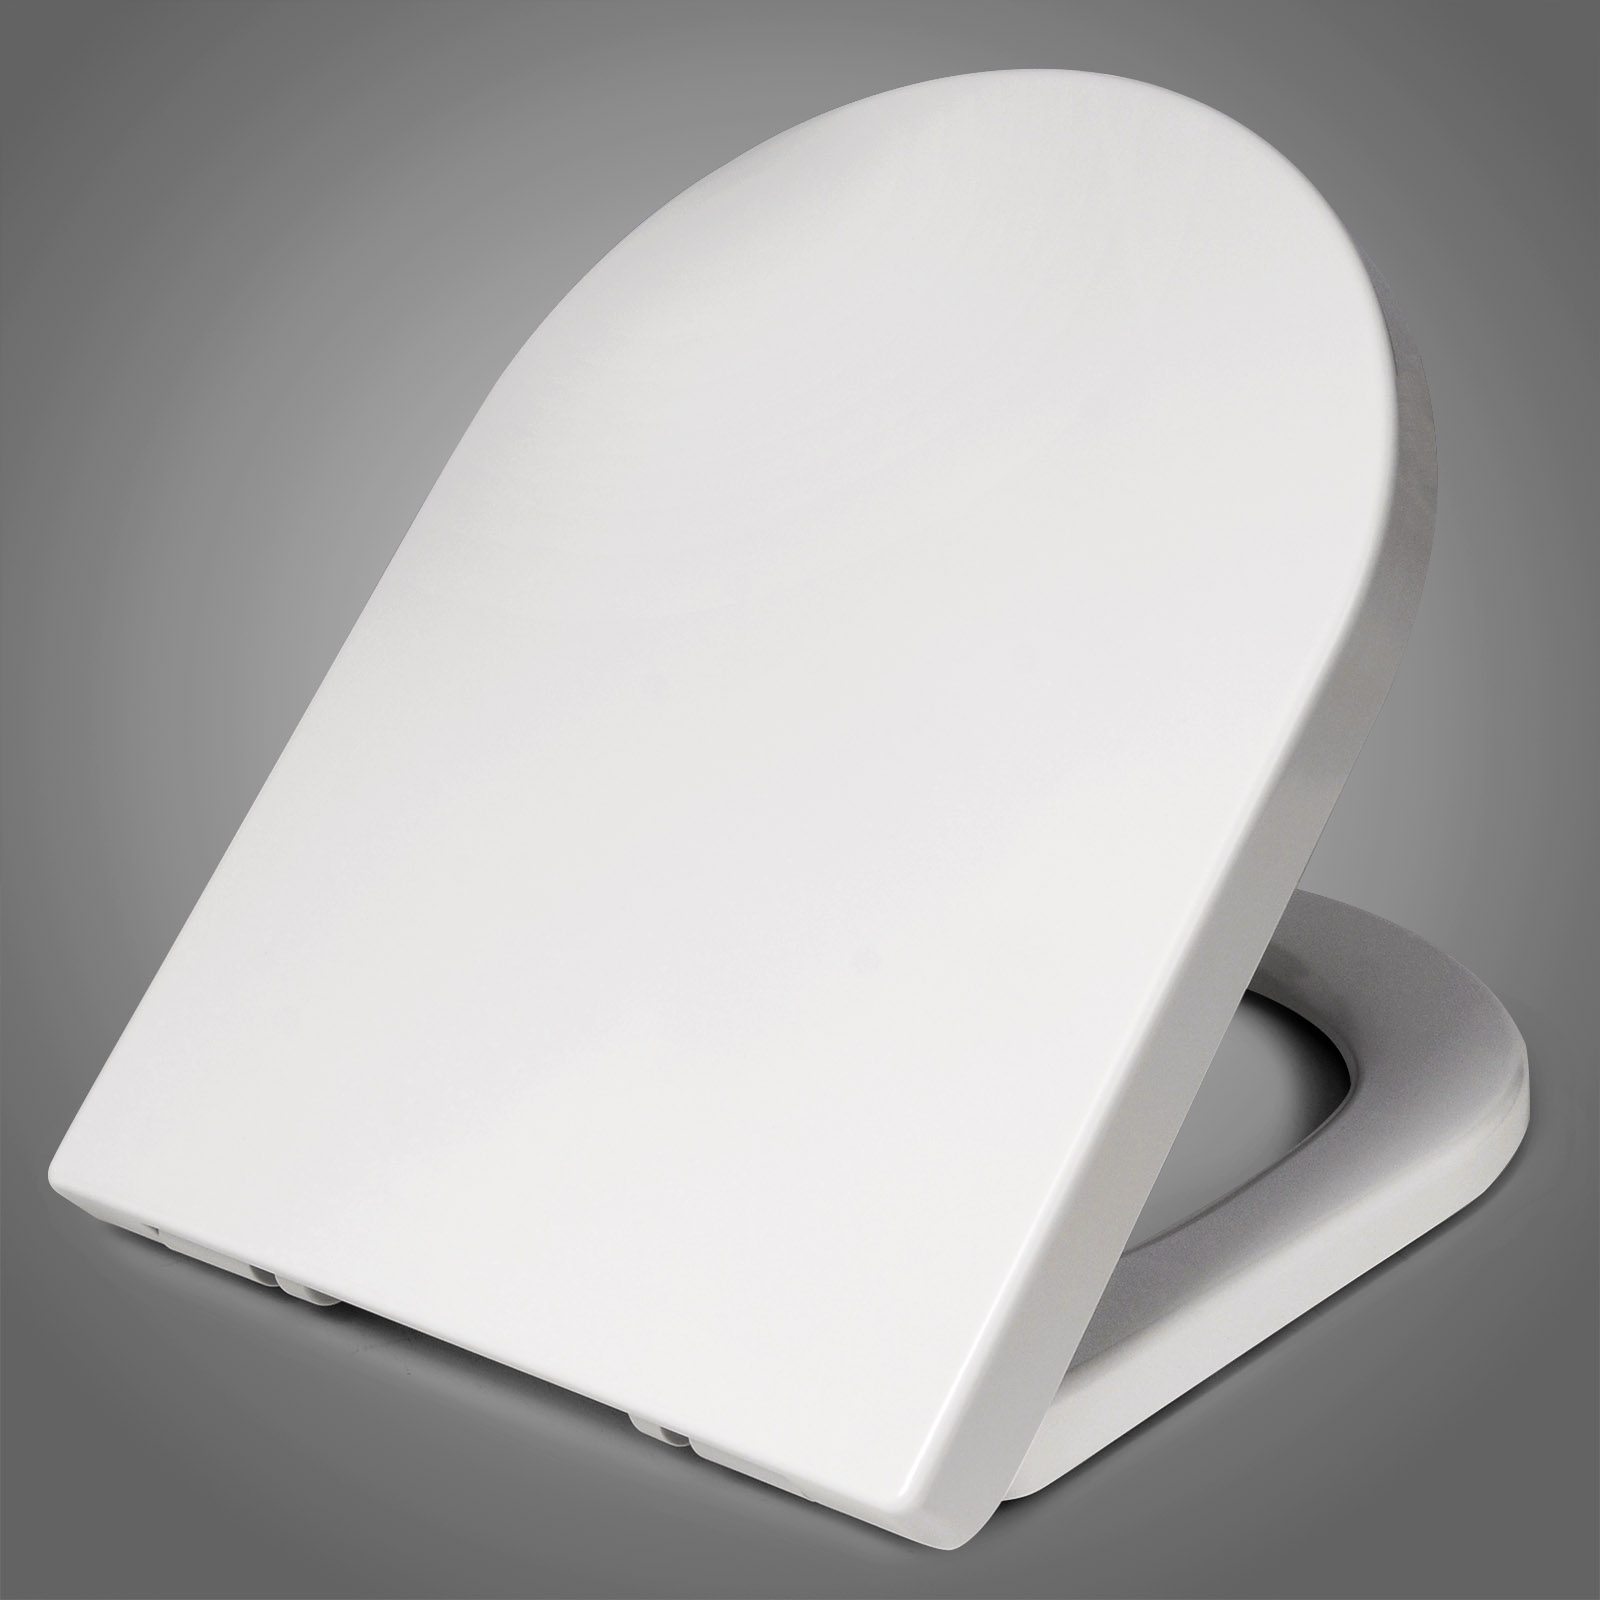 WC Sitz Toilettendeckel Klodeckel ABSENKAUTOMATIK